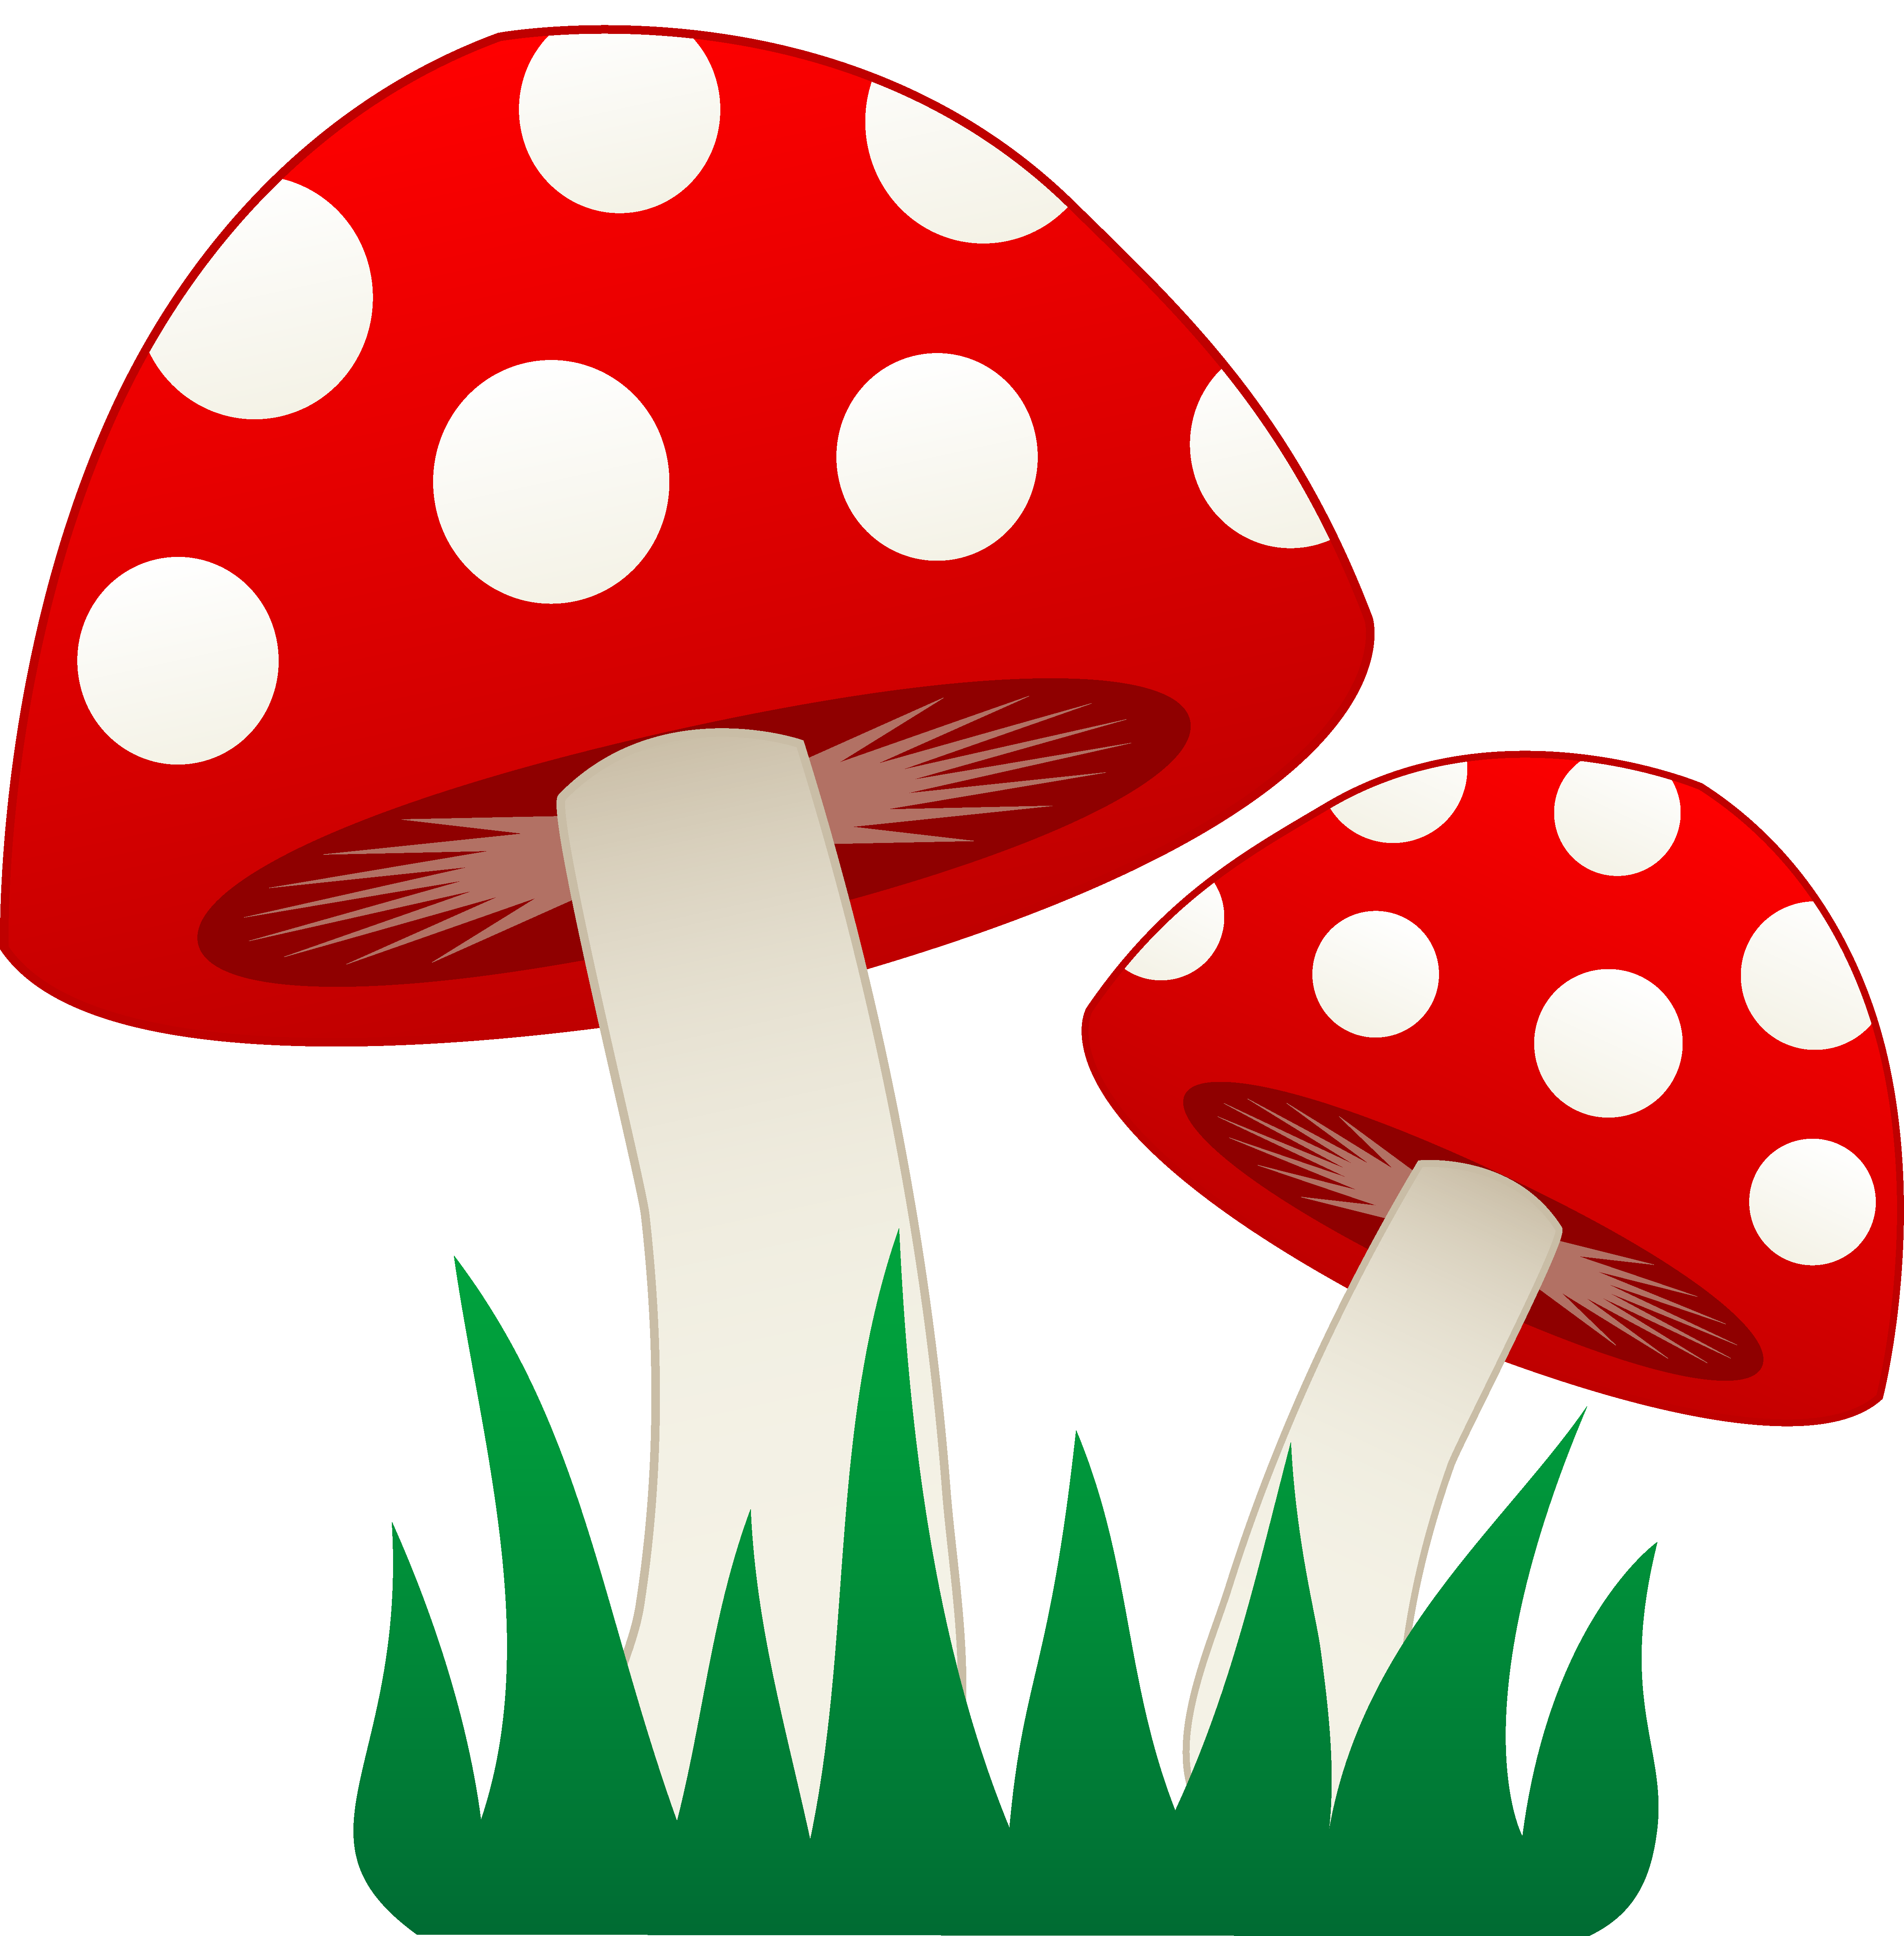 fungi clipart rh worldartsme com Fungi Structure fungi clipart black and white